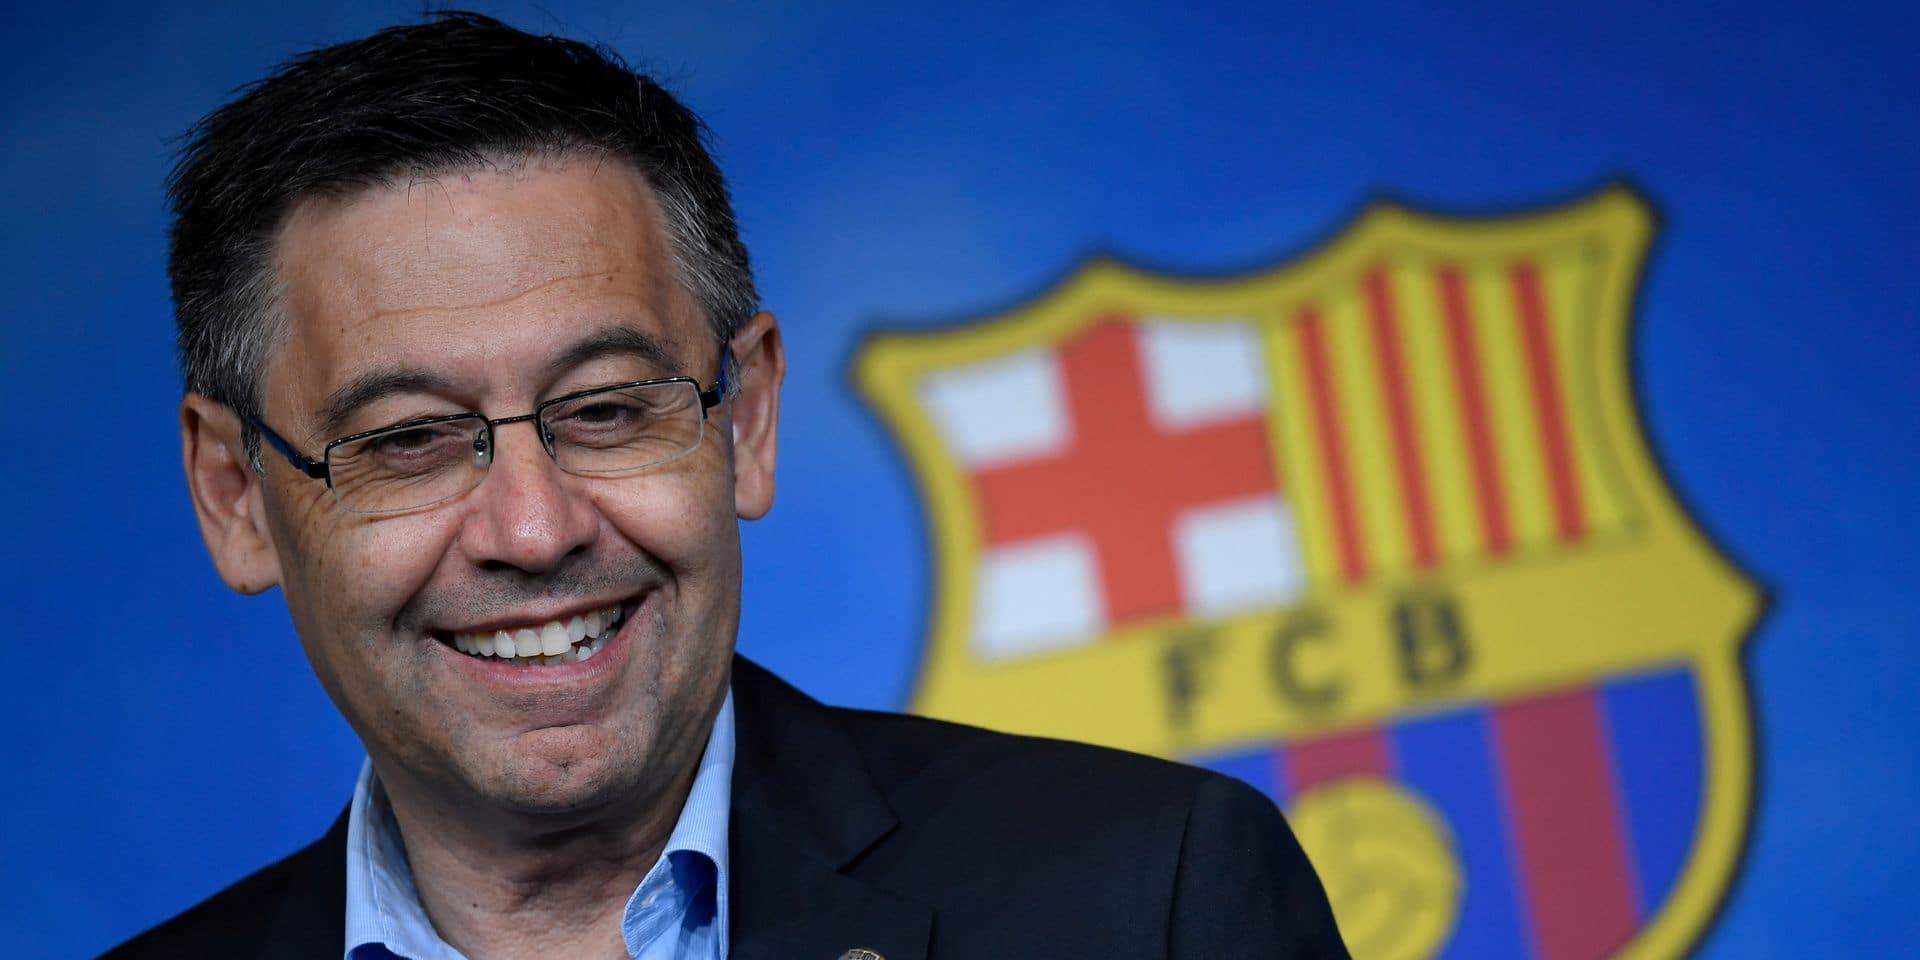 Le guide des élections présidentielles au Barça: qui sont les candidats et quels sont les enjeux ?